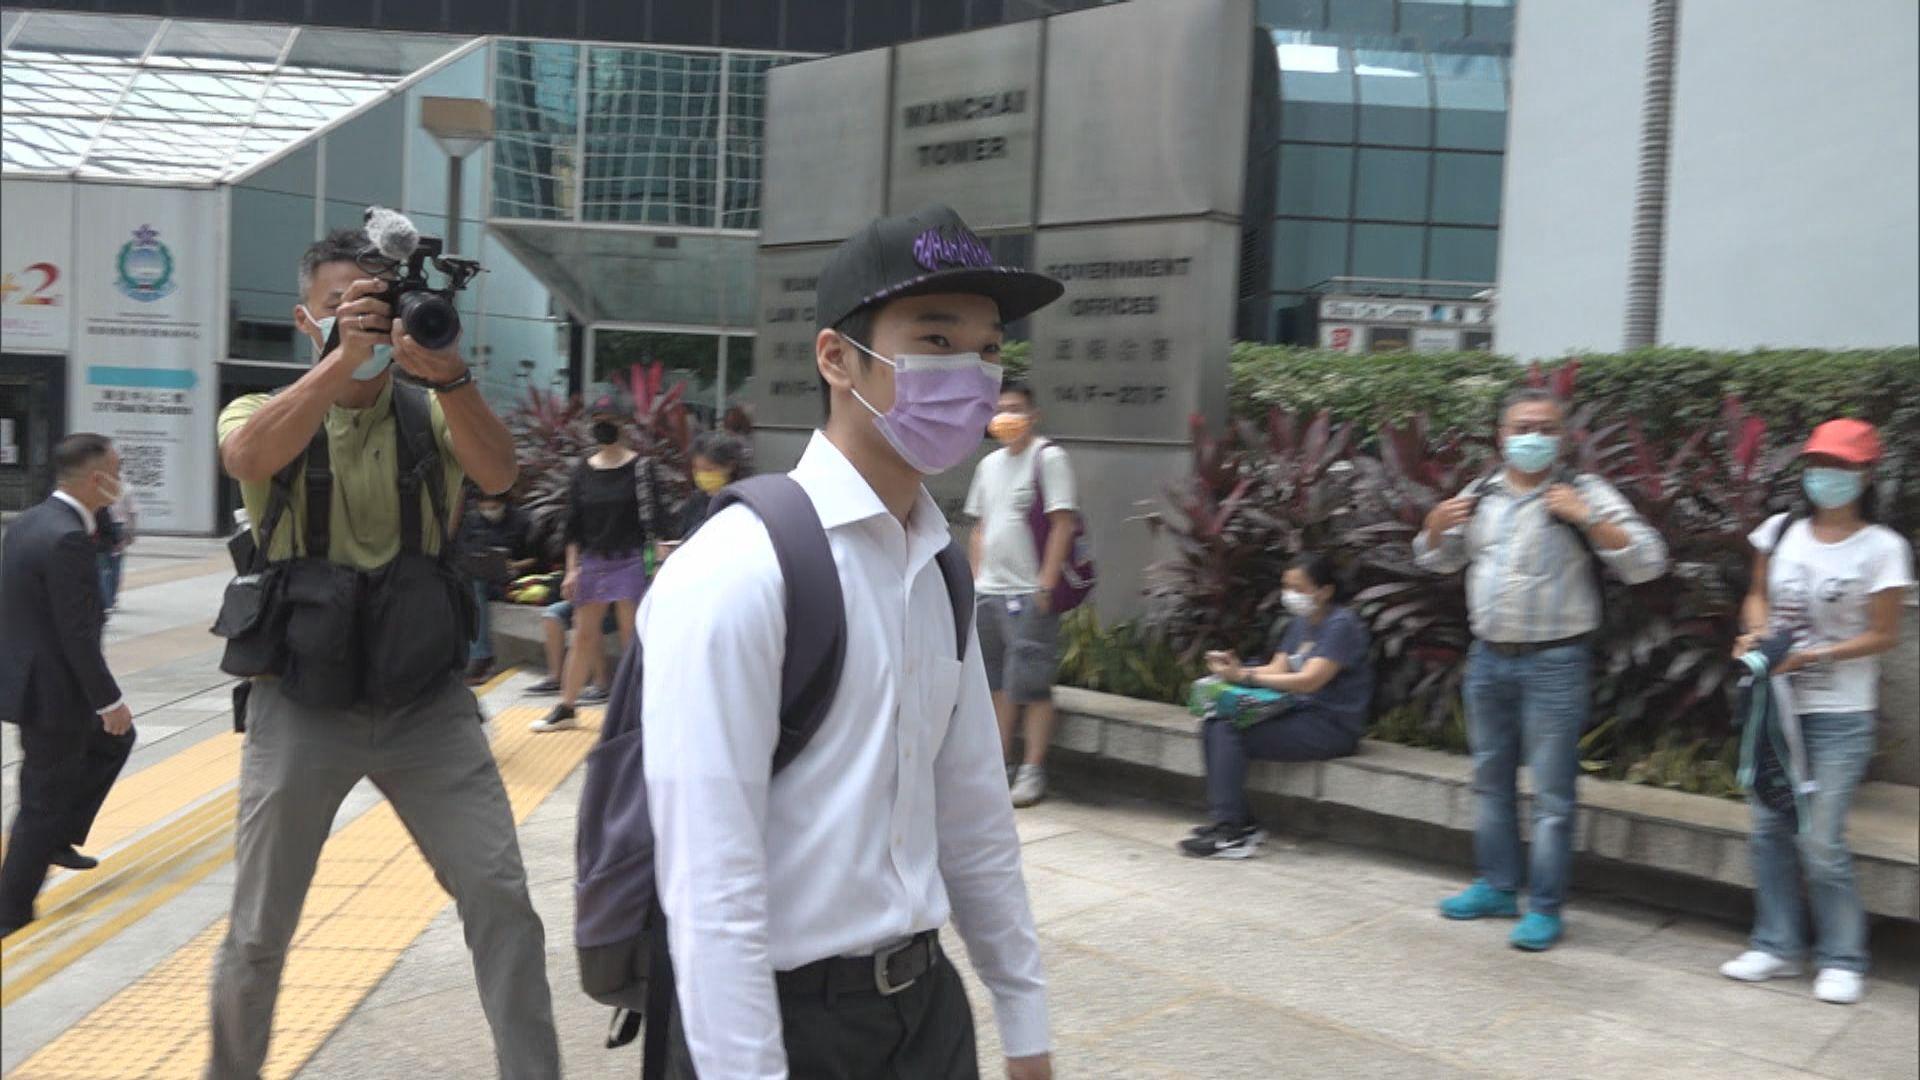 荃灣被警員槍傷少年被控暴動襲警 辯方稱會認罪十二月再訊